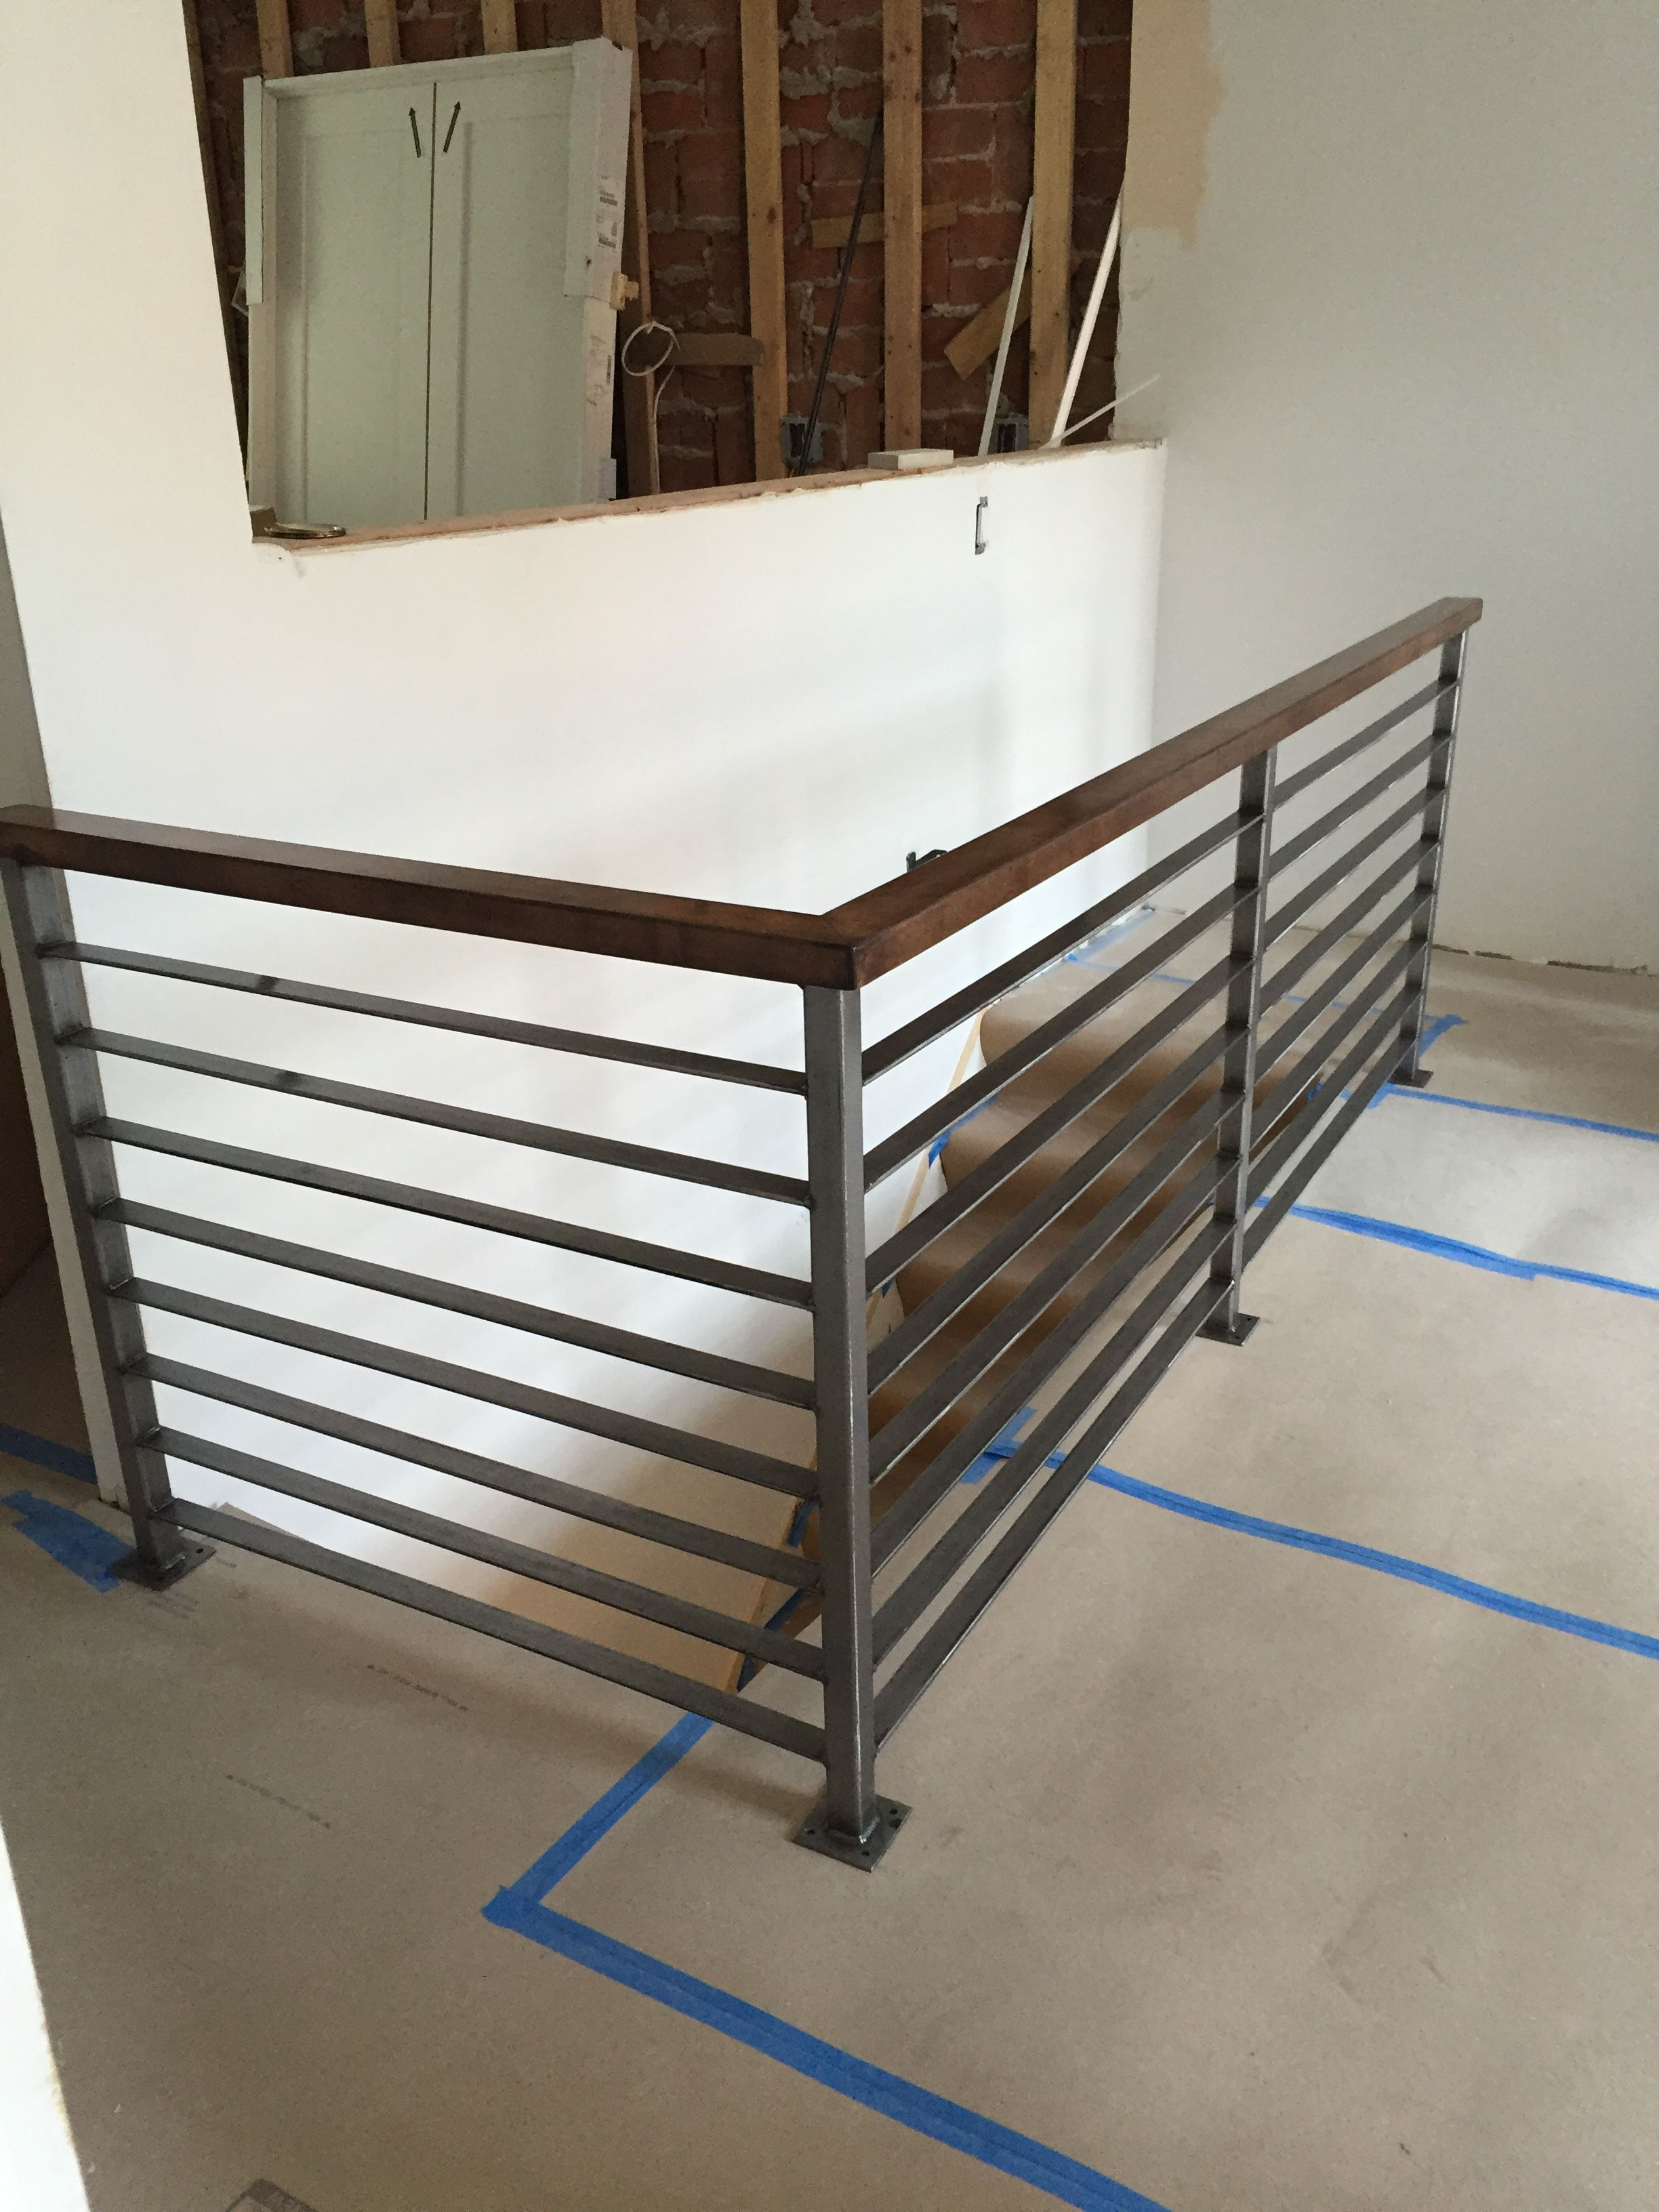 Custom Railing Metal Stair Railing Diy Stair Railing Loft Railing   Pre Made Stair Railings   Porch   Pressure Treated   Stair Treads   Aluminum Railing   Stair Stringers